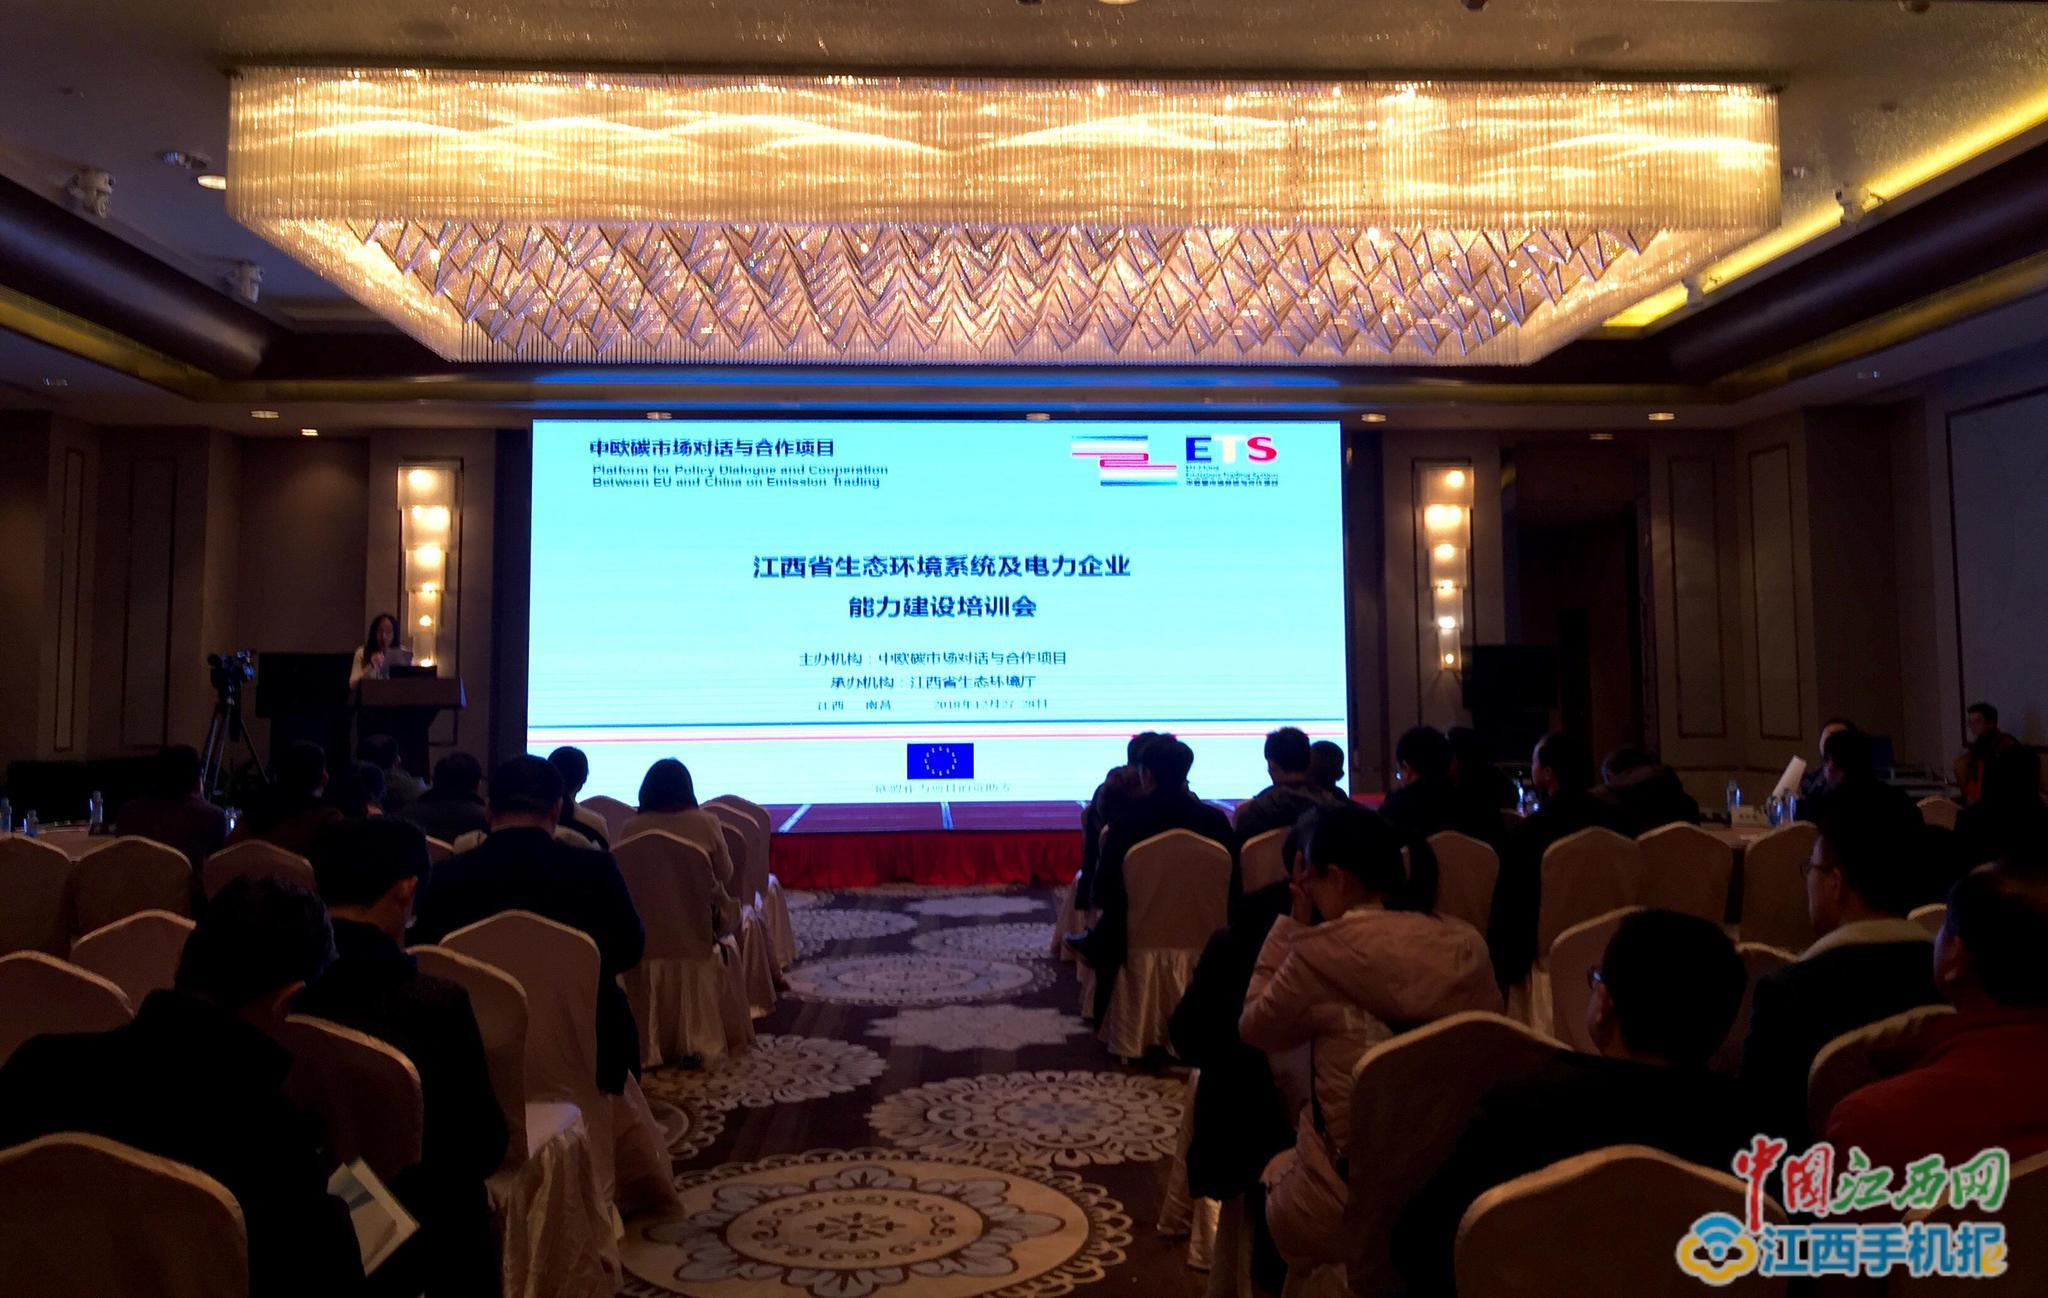 中欧碳市场对话与合作项目 江西环境系统及企业培训顺利开幕